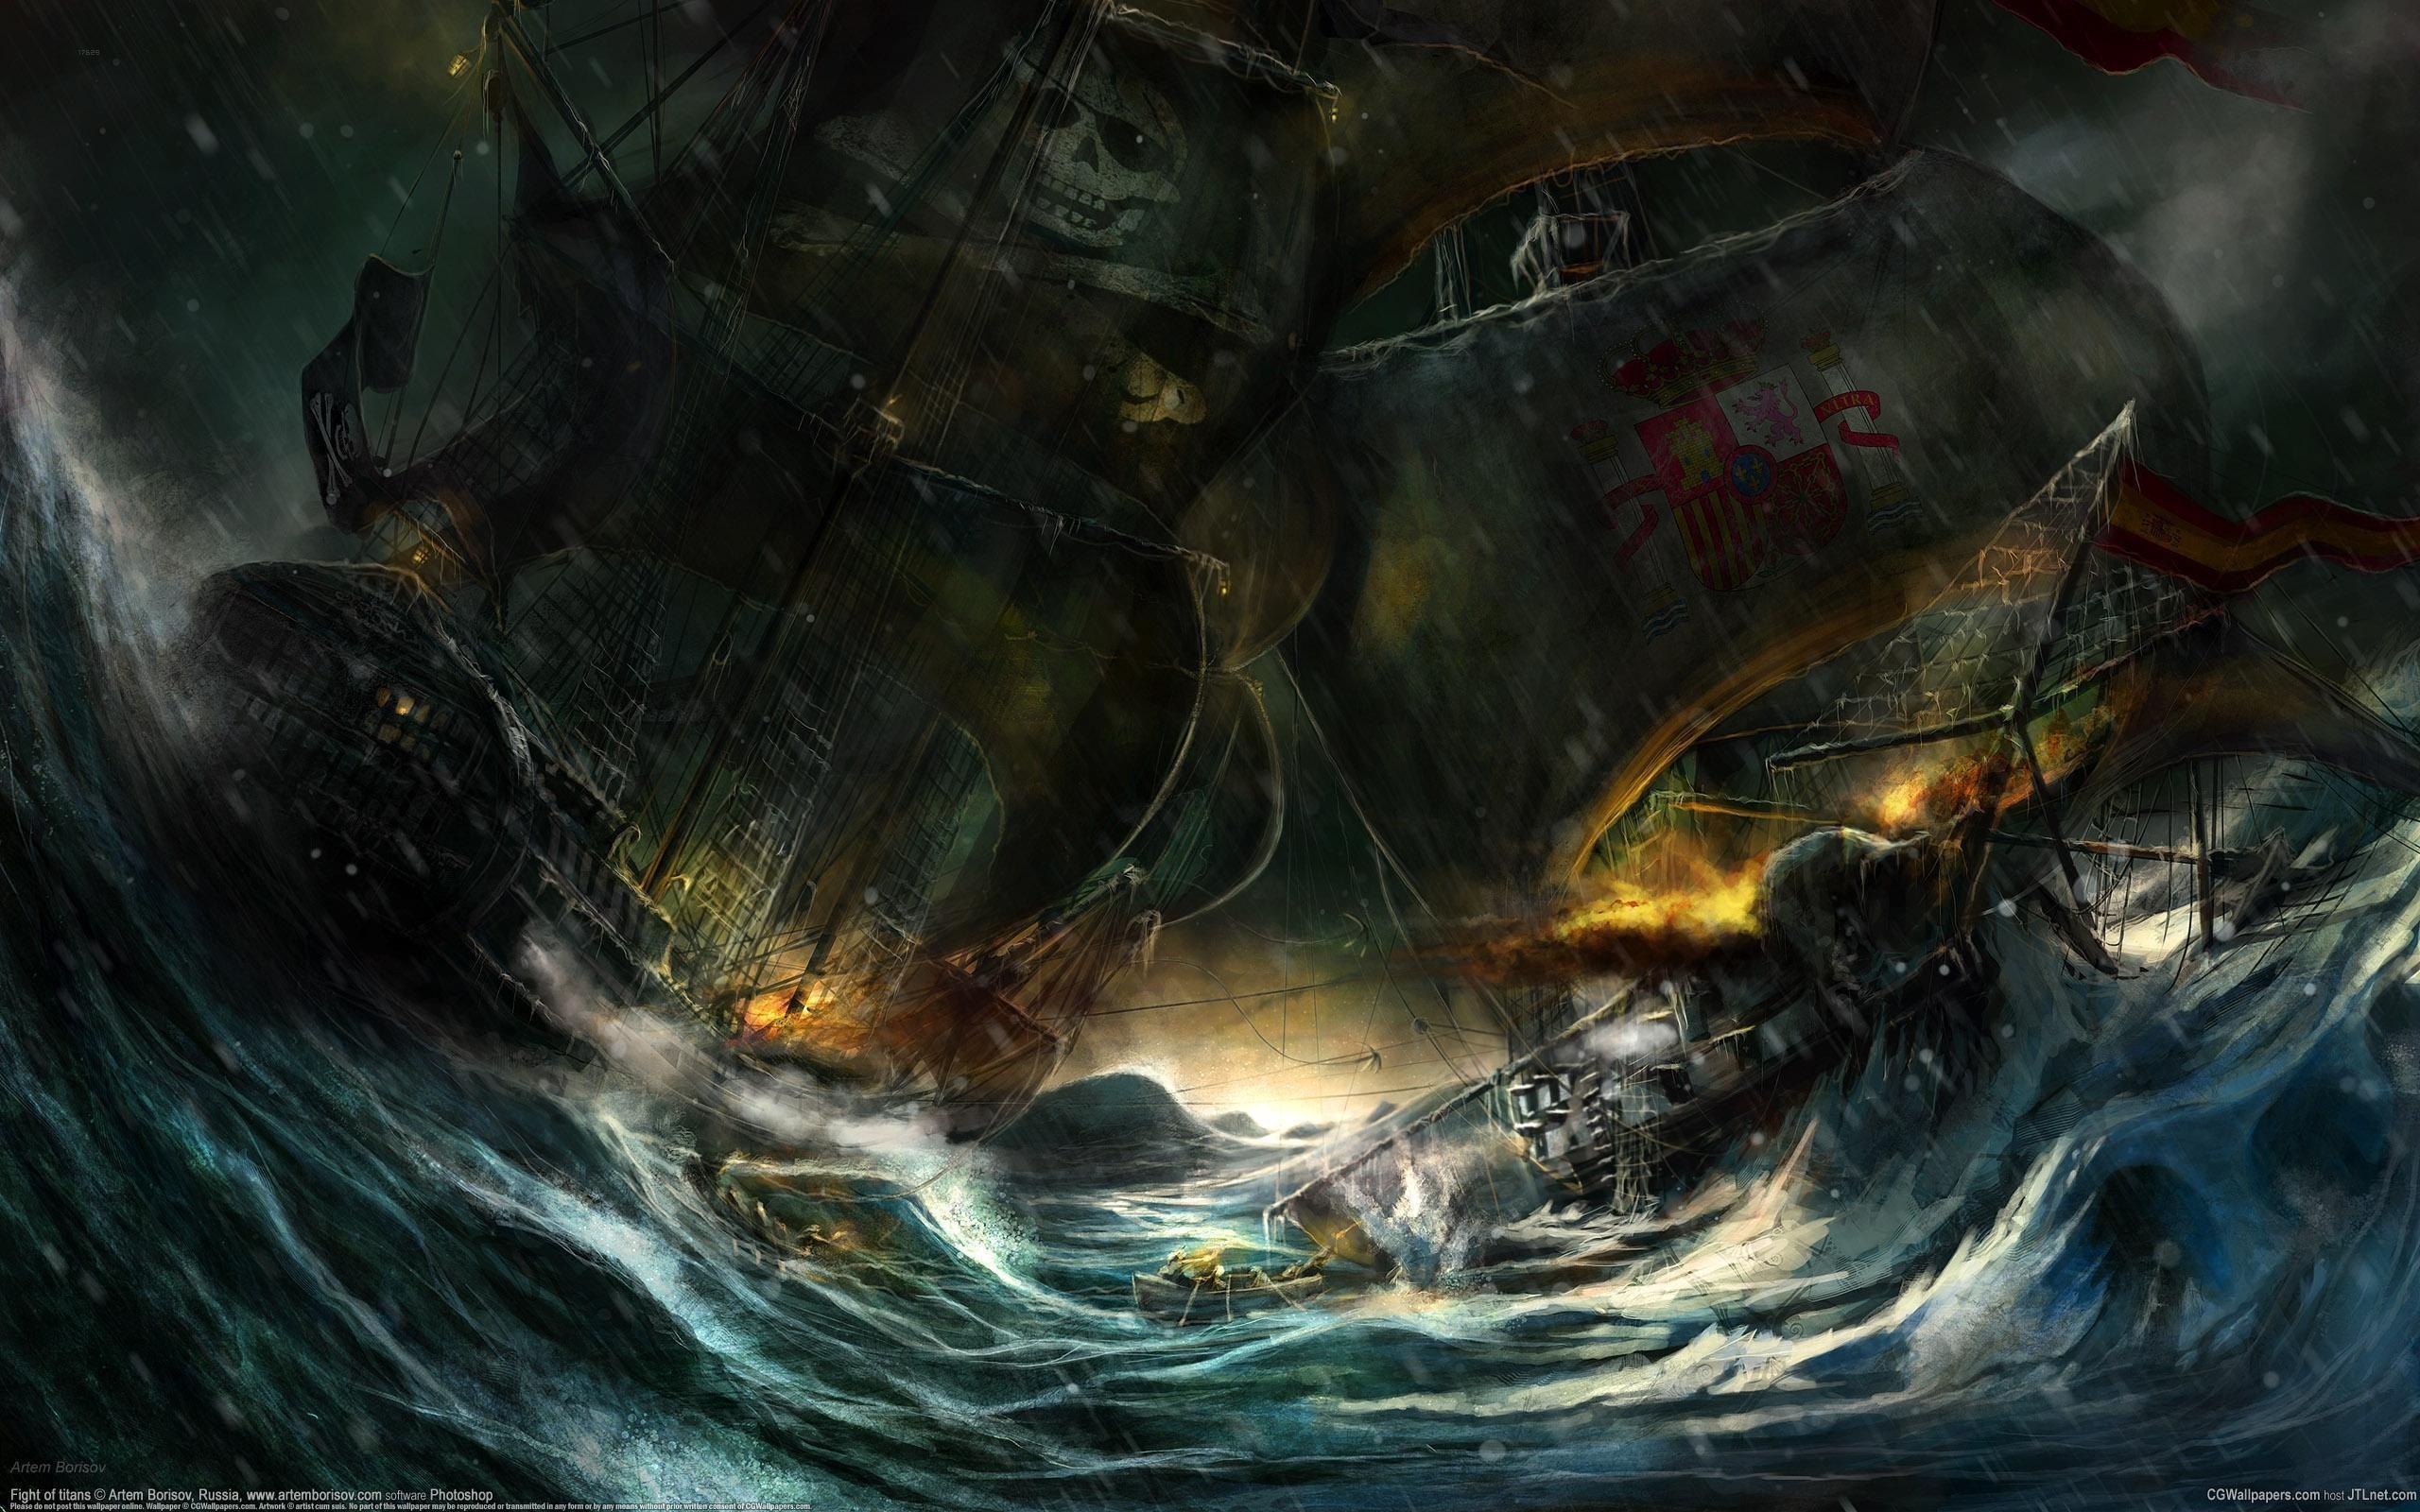 Wallpaper 3d Facebook Rain Waves Storm Ships Pirates Battles Artwork Wallpaper